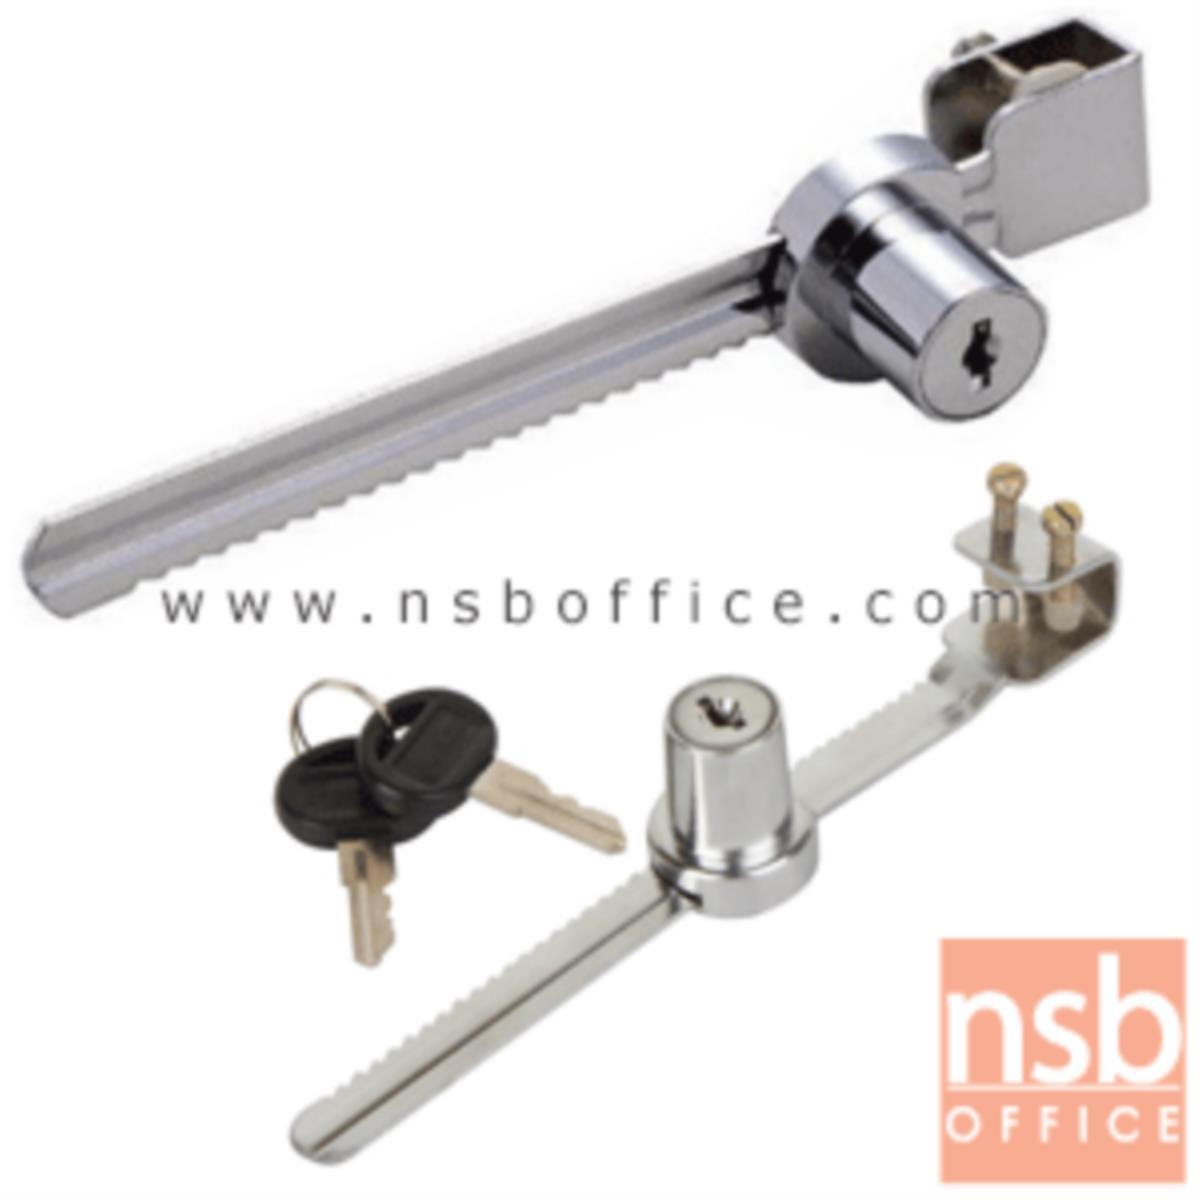 G06A028:กุญแจล็อคฟันเลื่อย สำหรับล็อคตู้กระจกโชว์สินค้า